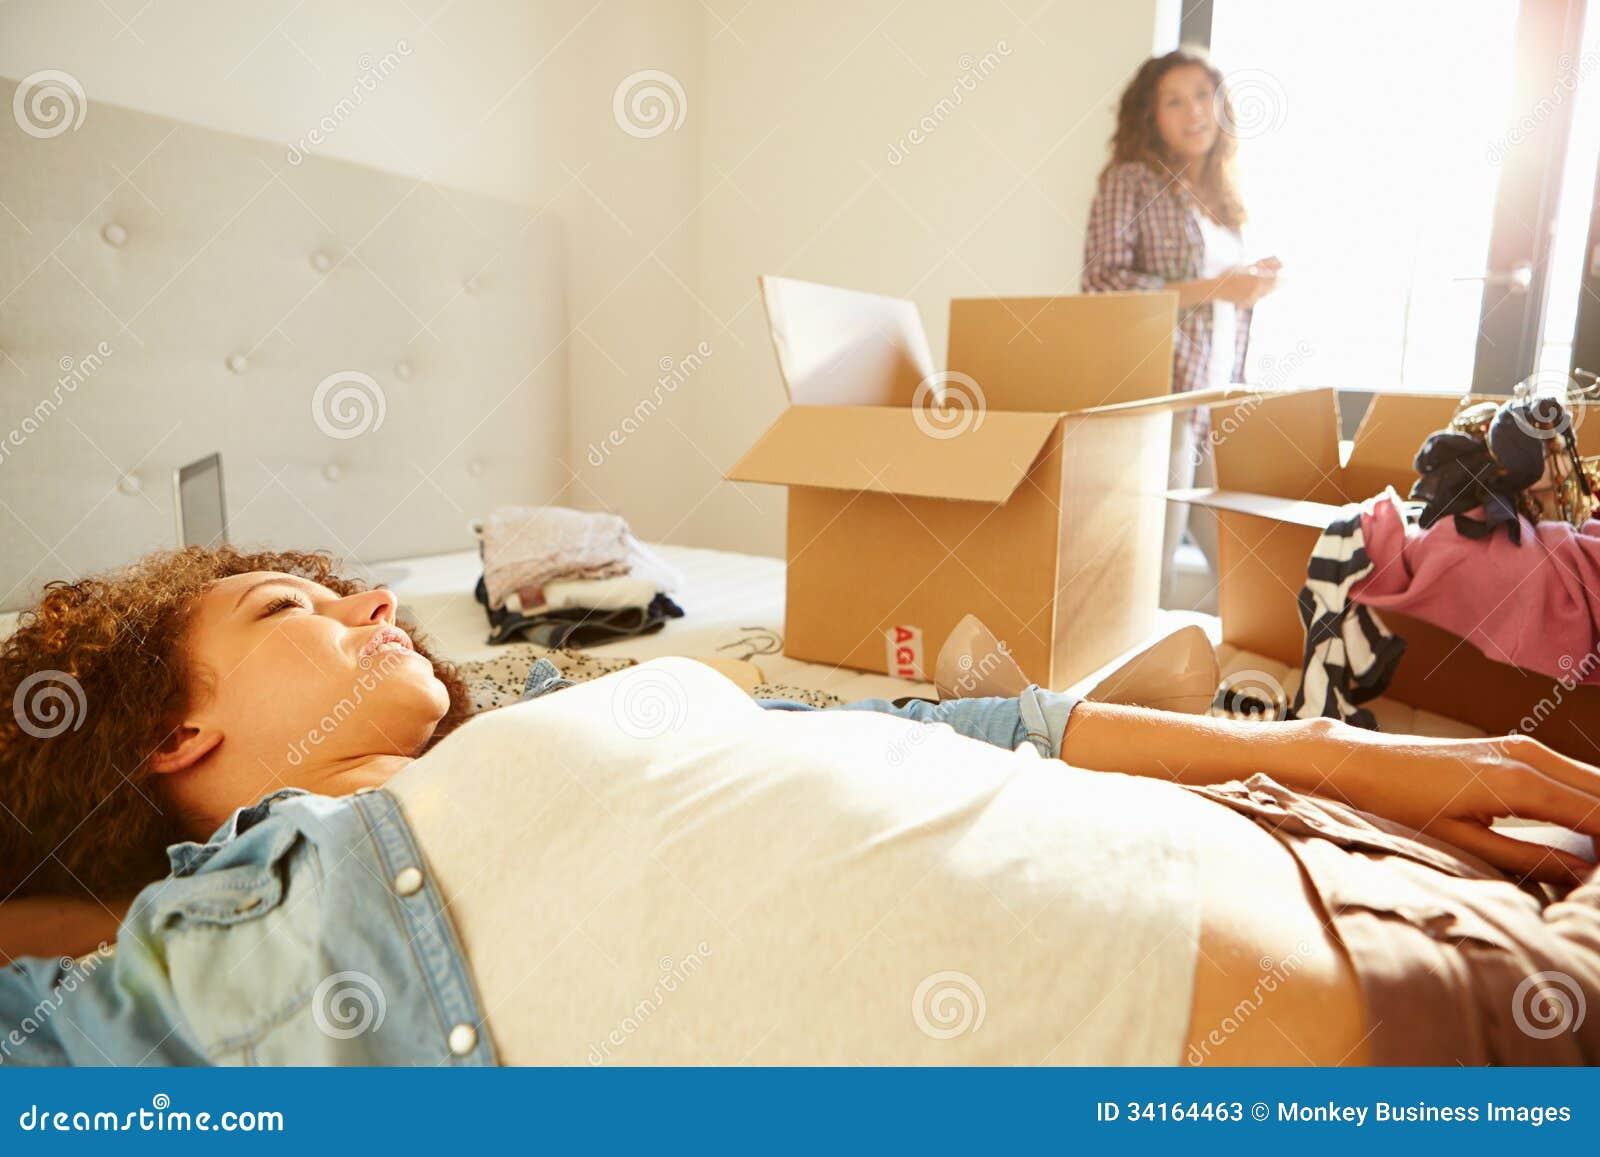 due donne con le scatole in camera da letto che entra nella nuova ... - Donne In Camera Da Letto